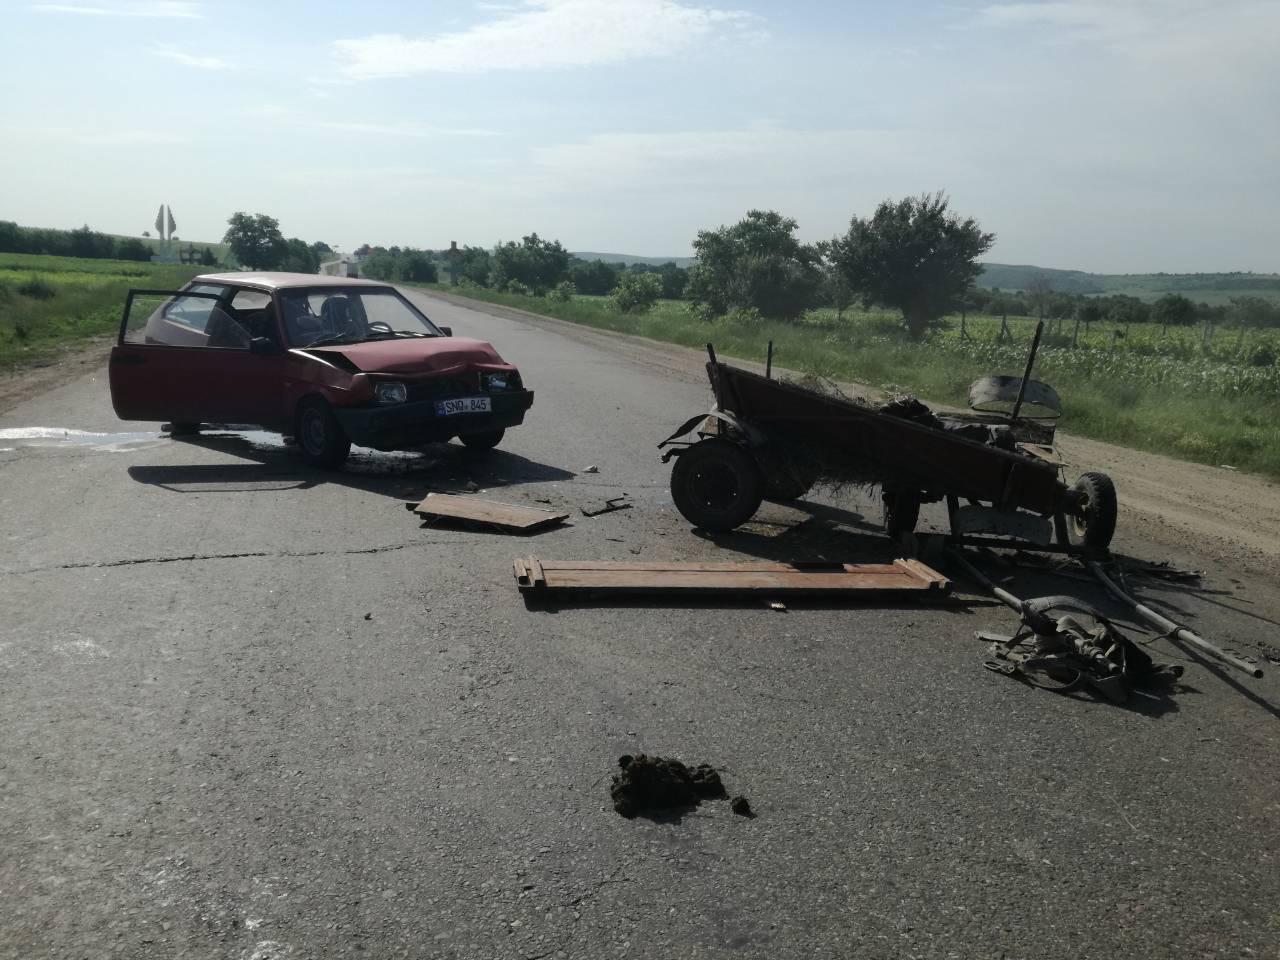 FOTO | Accident dintre o mașină și un atelaj în satul Prepelița, Sîngerei